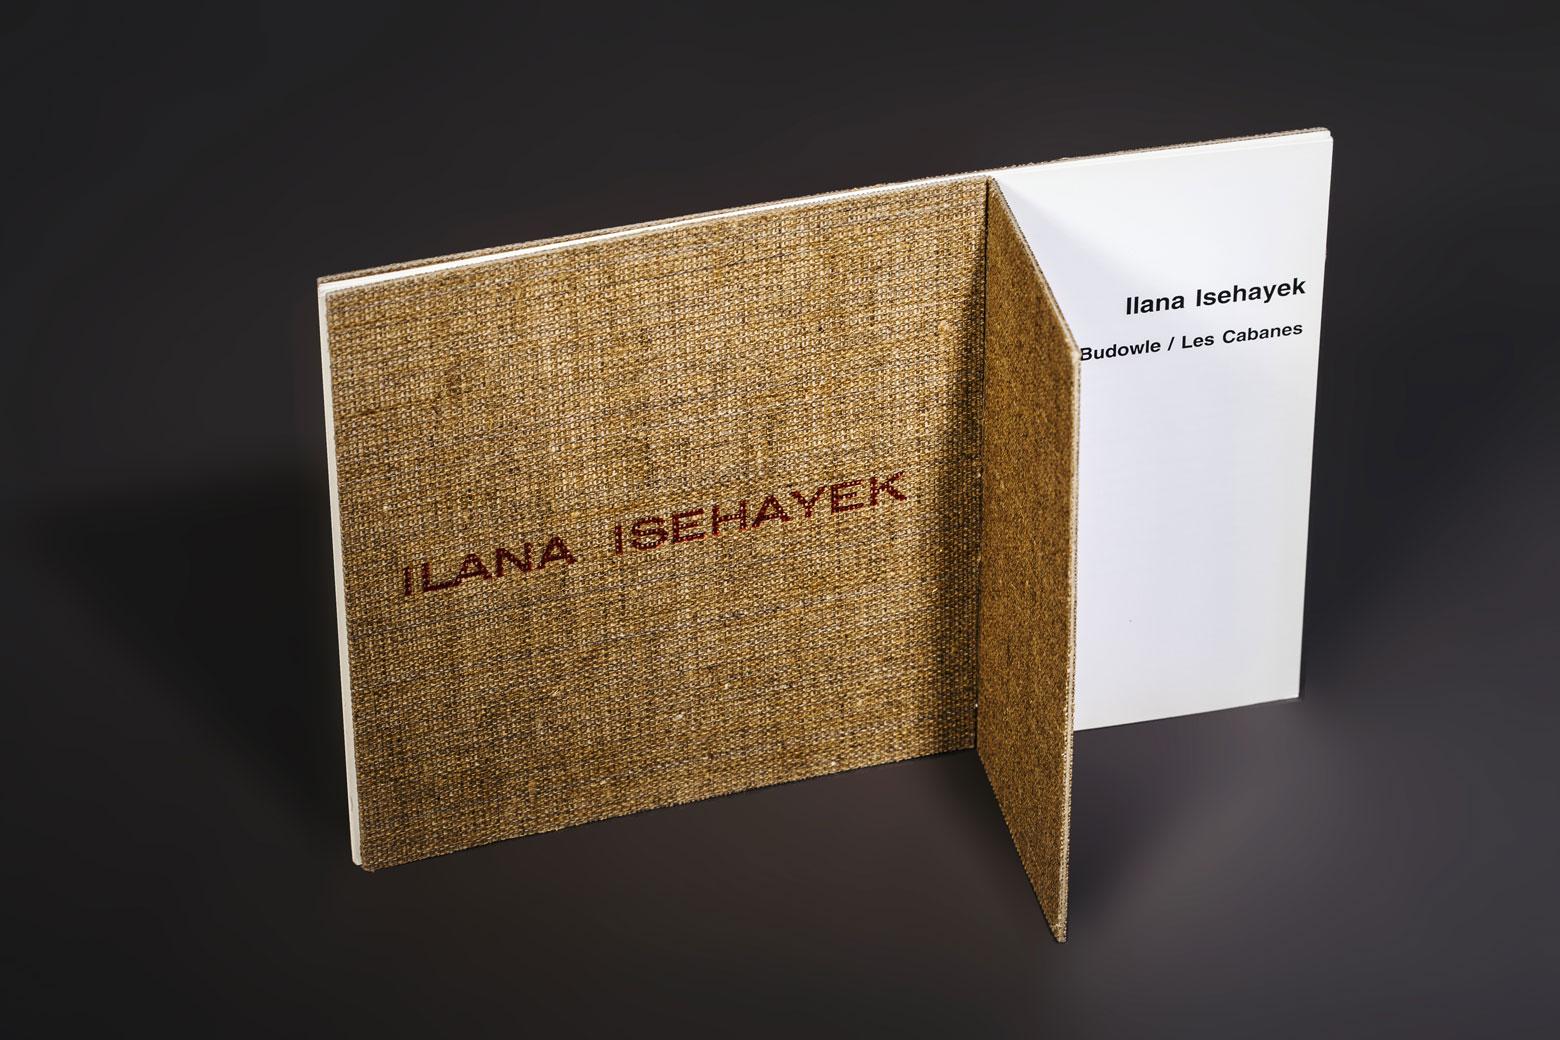 MES CABANES / Ilana ISEHAYEK